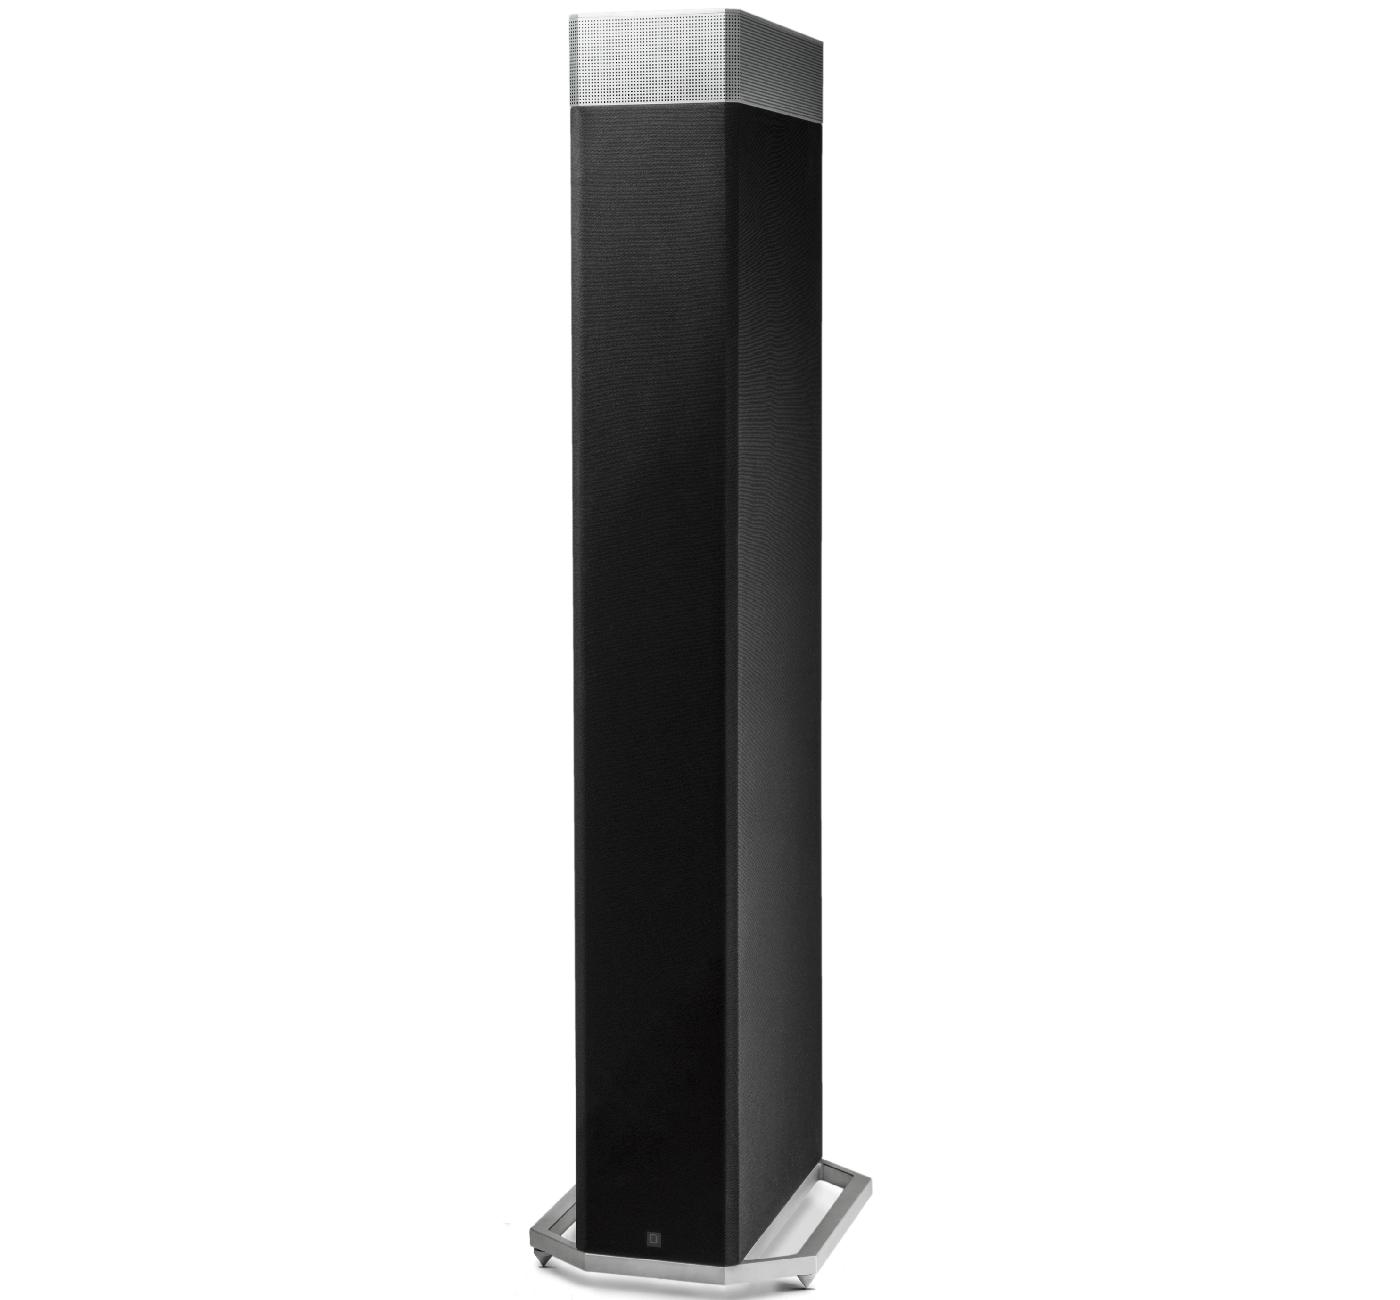 Definitive Technology BP9080x Caixa Torre Bipolar 3 vias 455W com sub ativo de 12 polegadas ( unid )  - Audio Video & cia